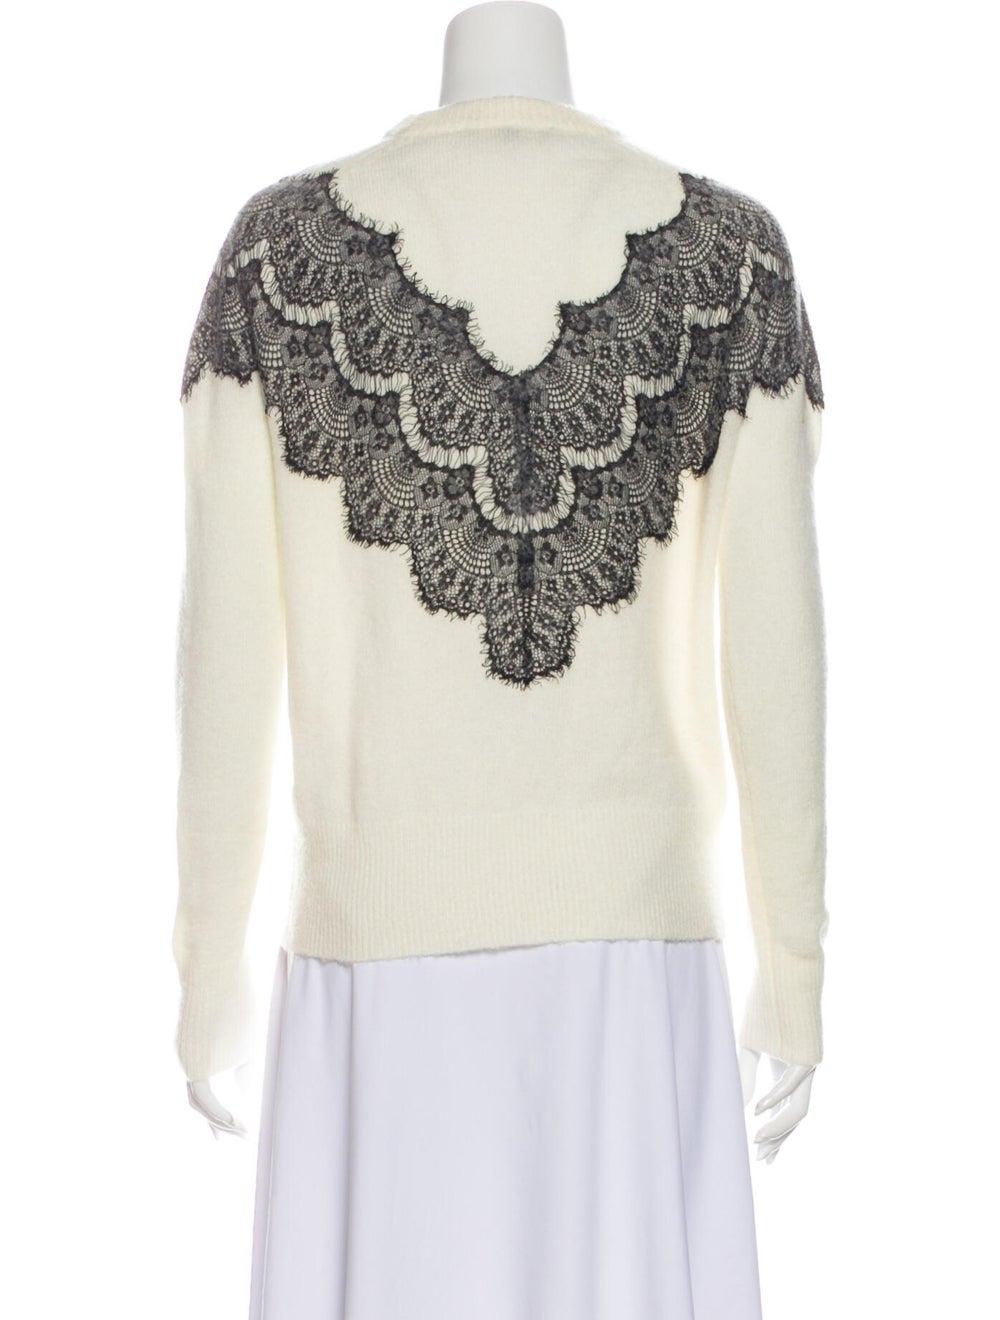 Maje Lace Pattern Crew Neck Sweater White - image 3